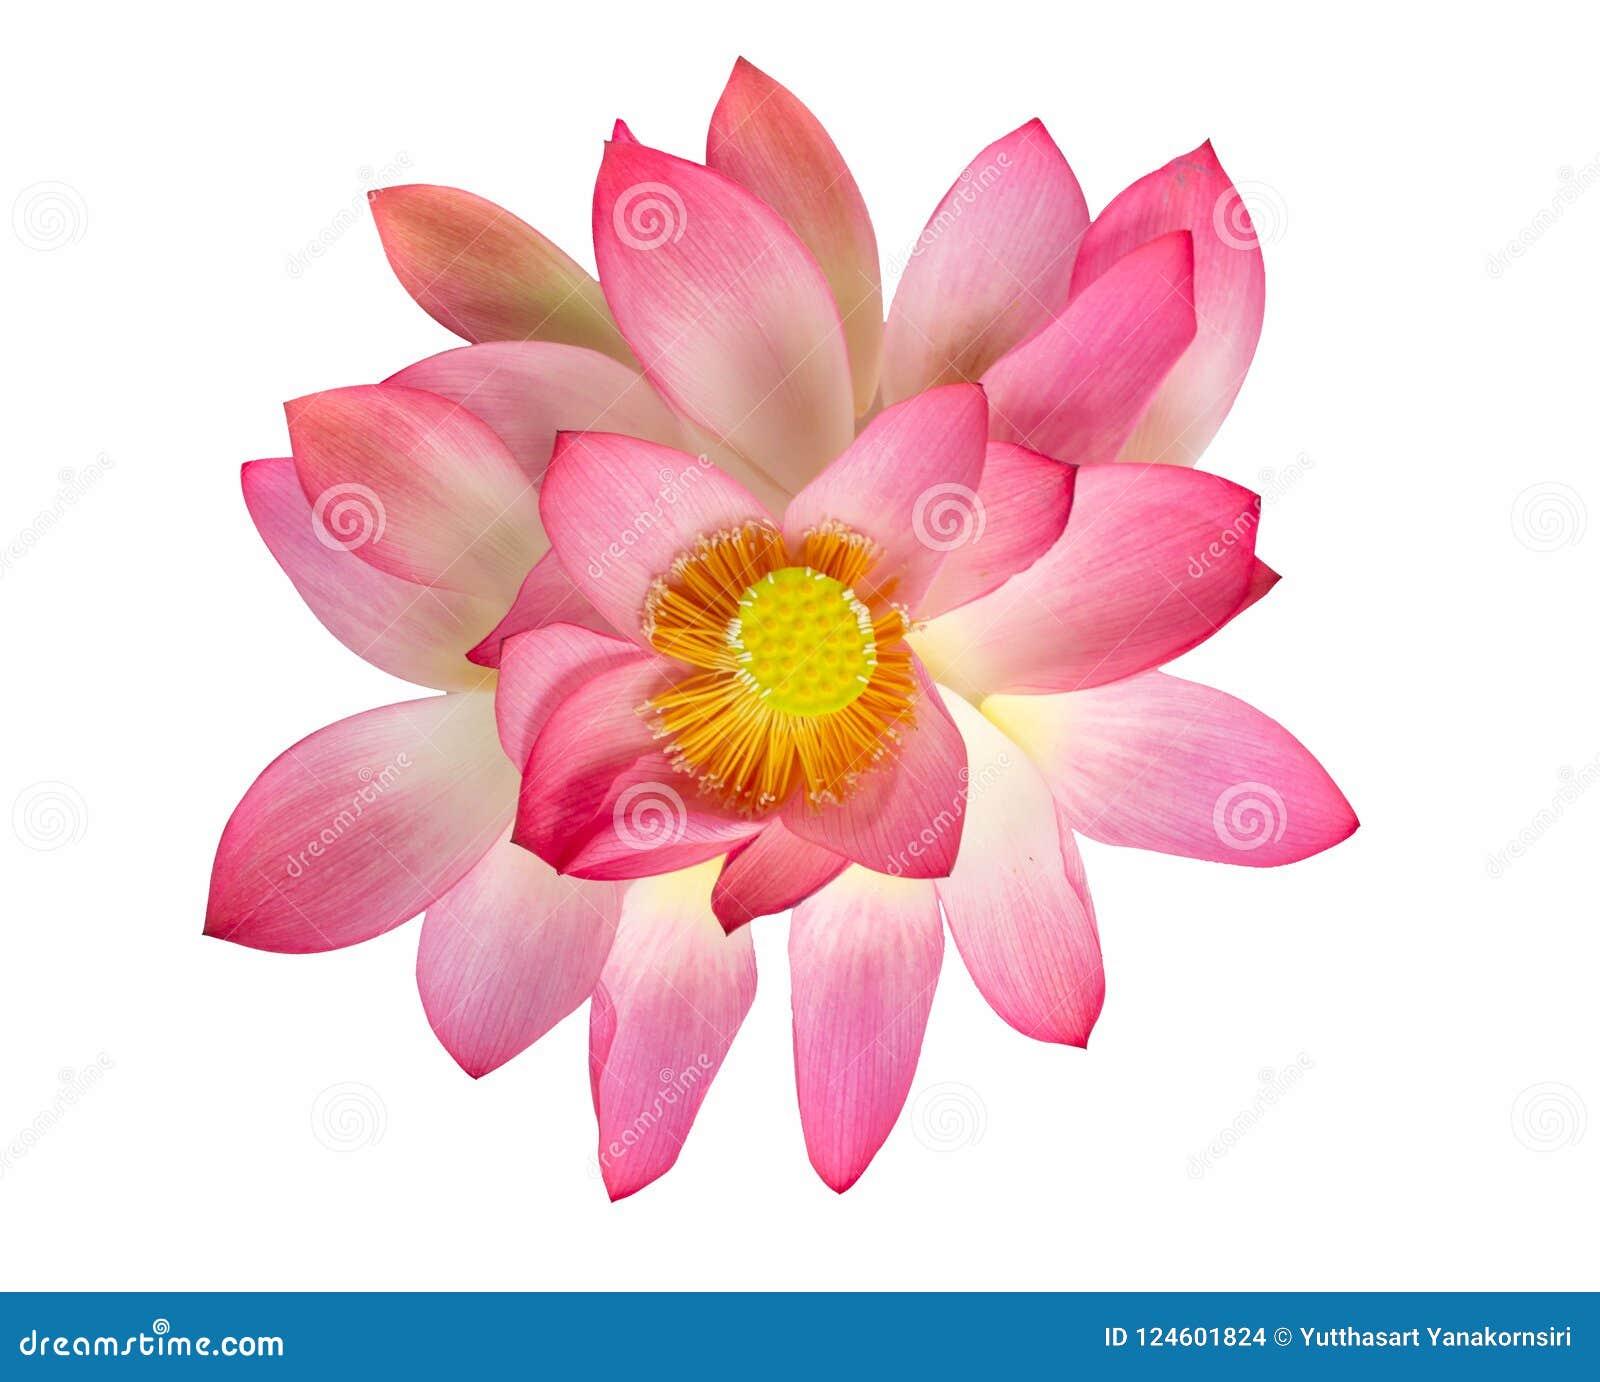 Цветок лотоса взгляд сверху красивый розовый изолированный на белом backgroun